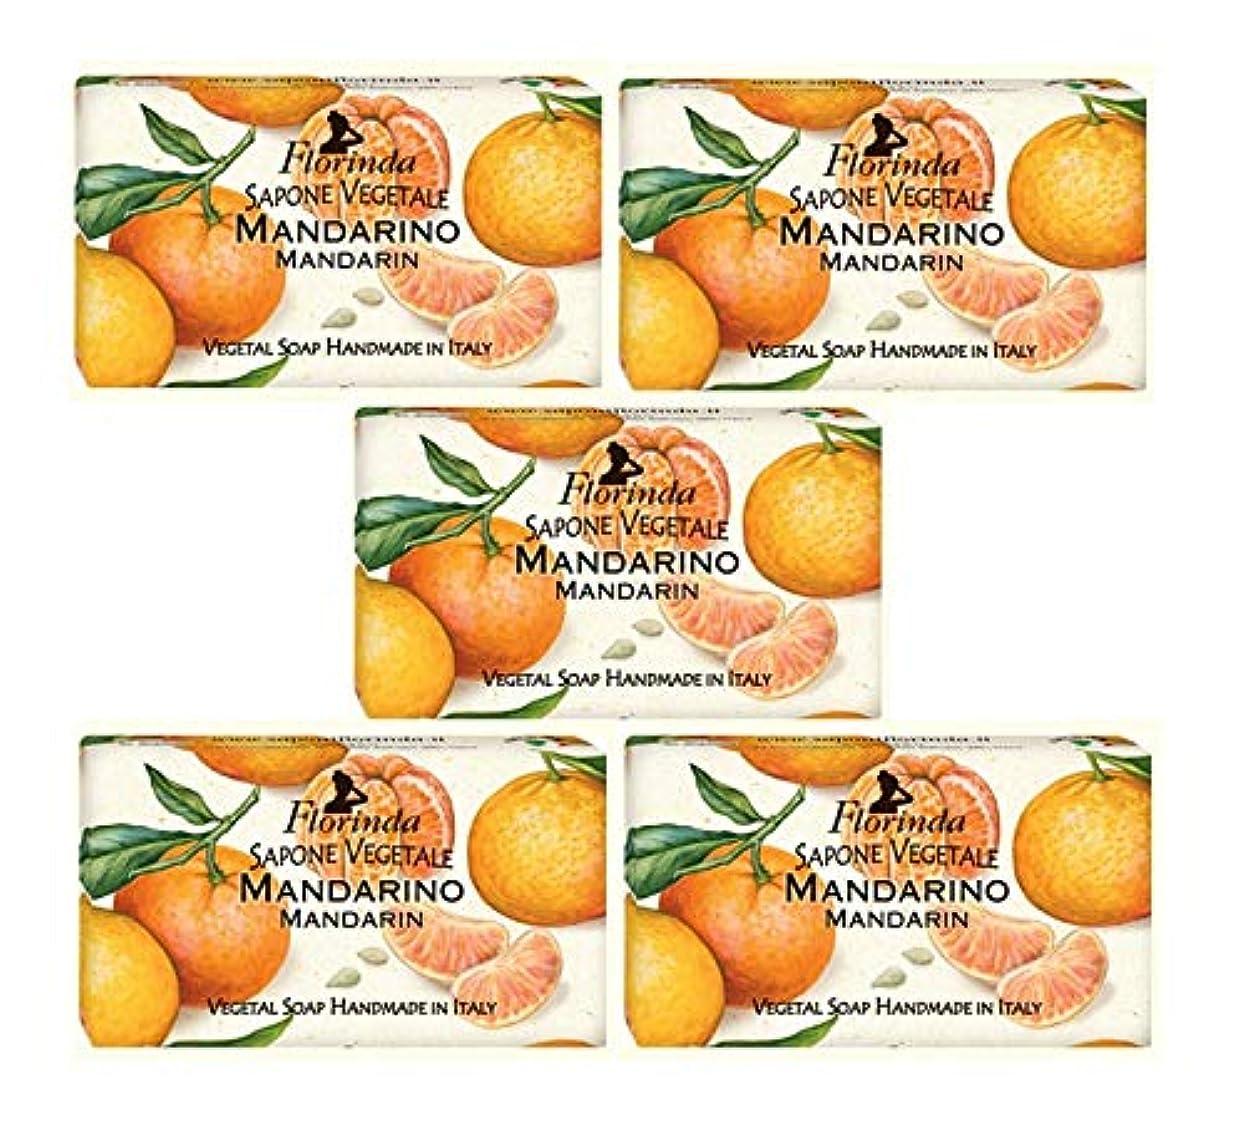 相関する第五一般フロリンダ フレグランスソープ 固形石けん フルーツの香り マンダリン 95g×5個セット